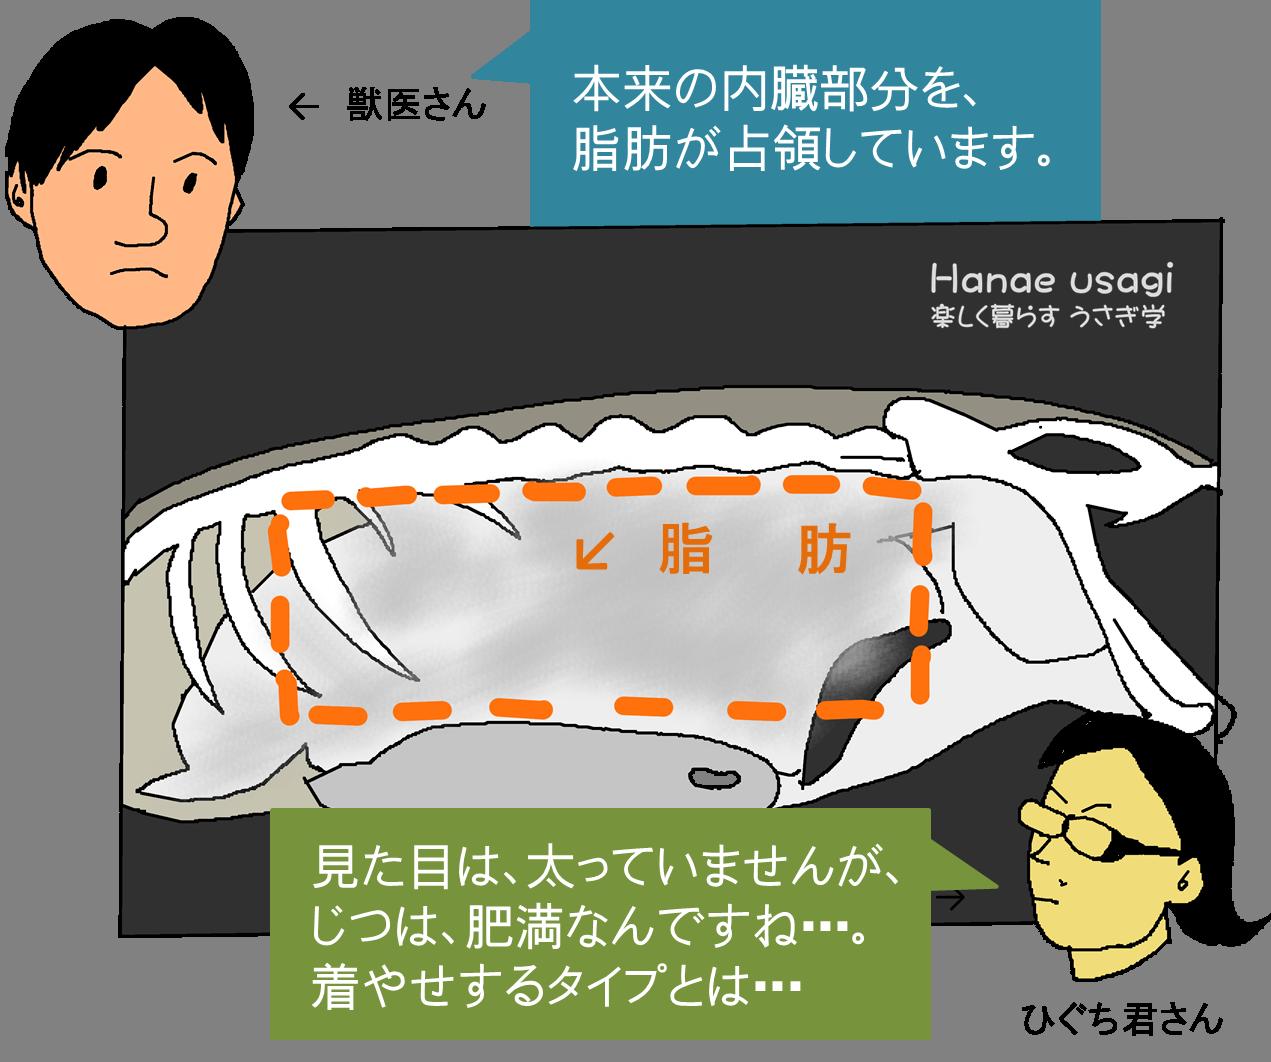 うさぎの内臓脂肪